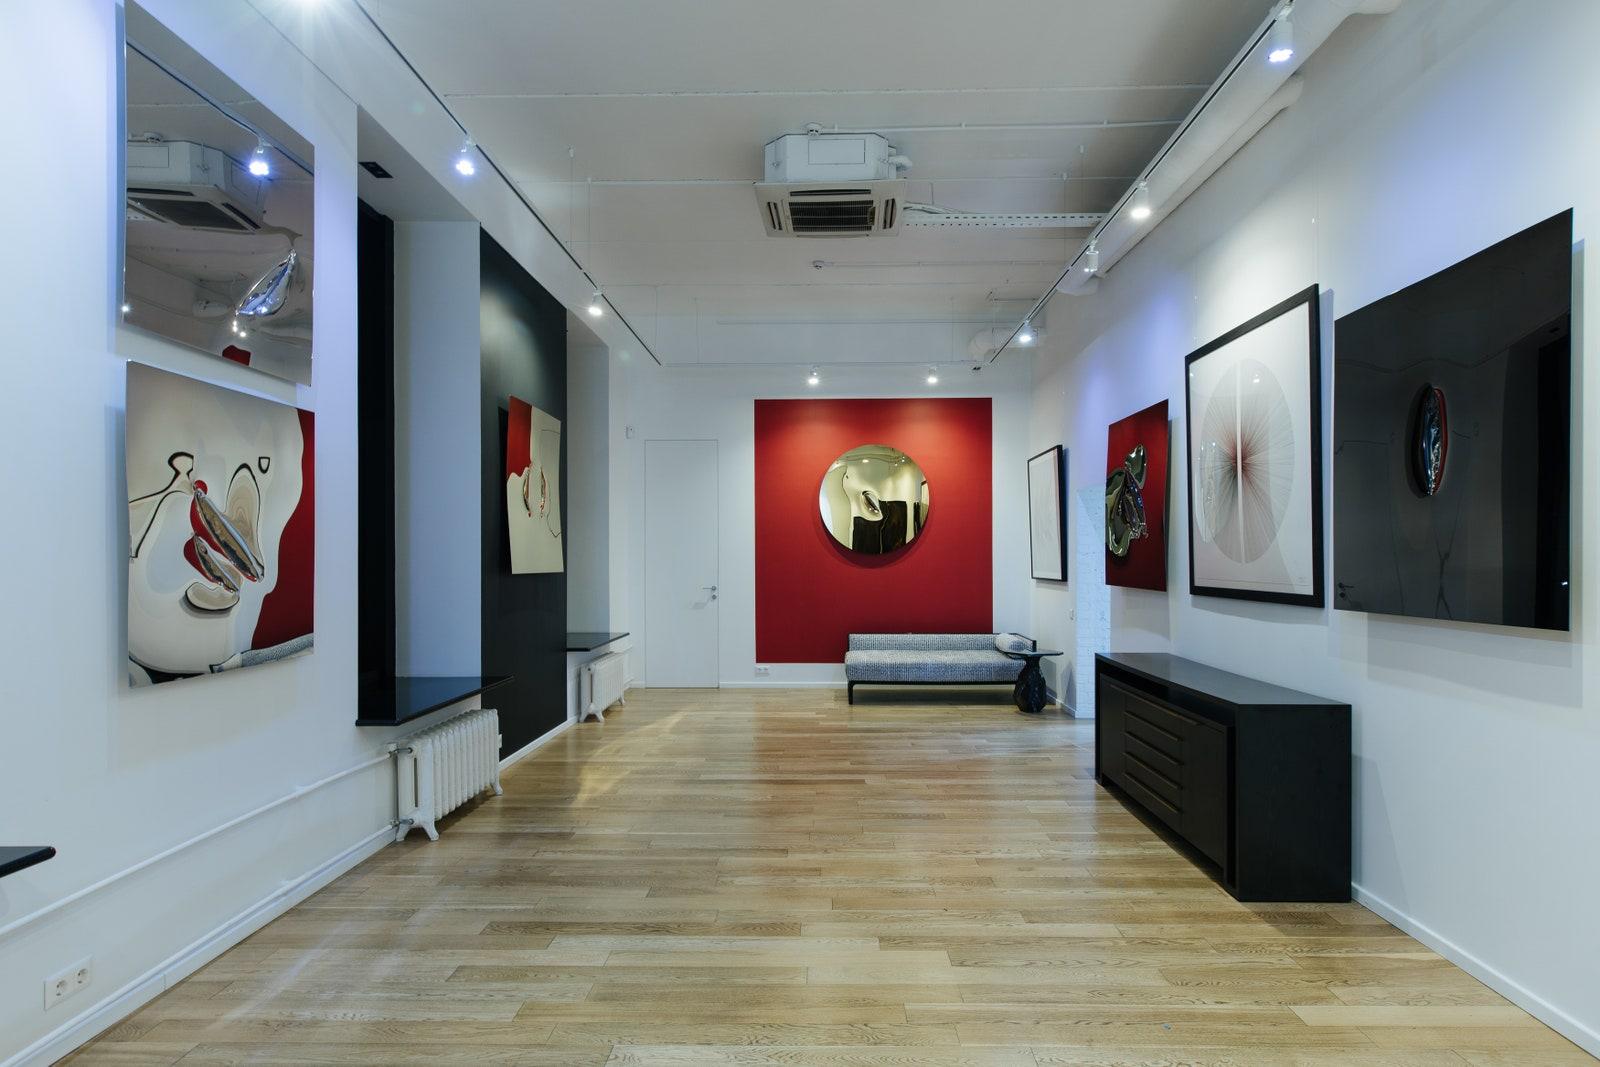 Booroom Gallery